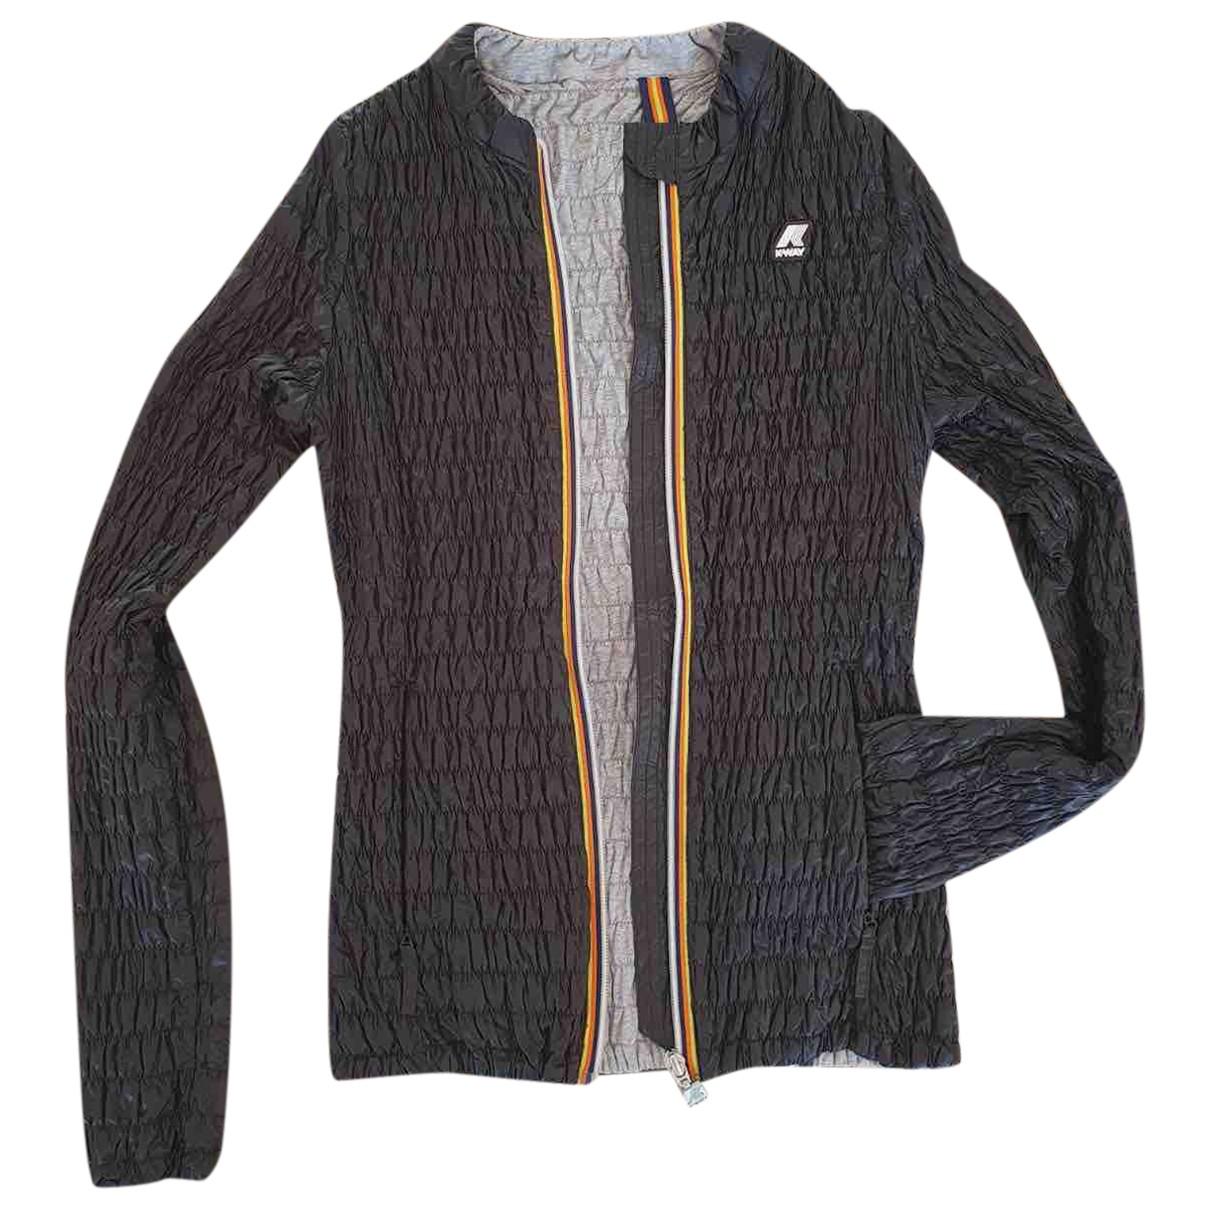 K-way N Black Cotton jacket for Women 8 UK